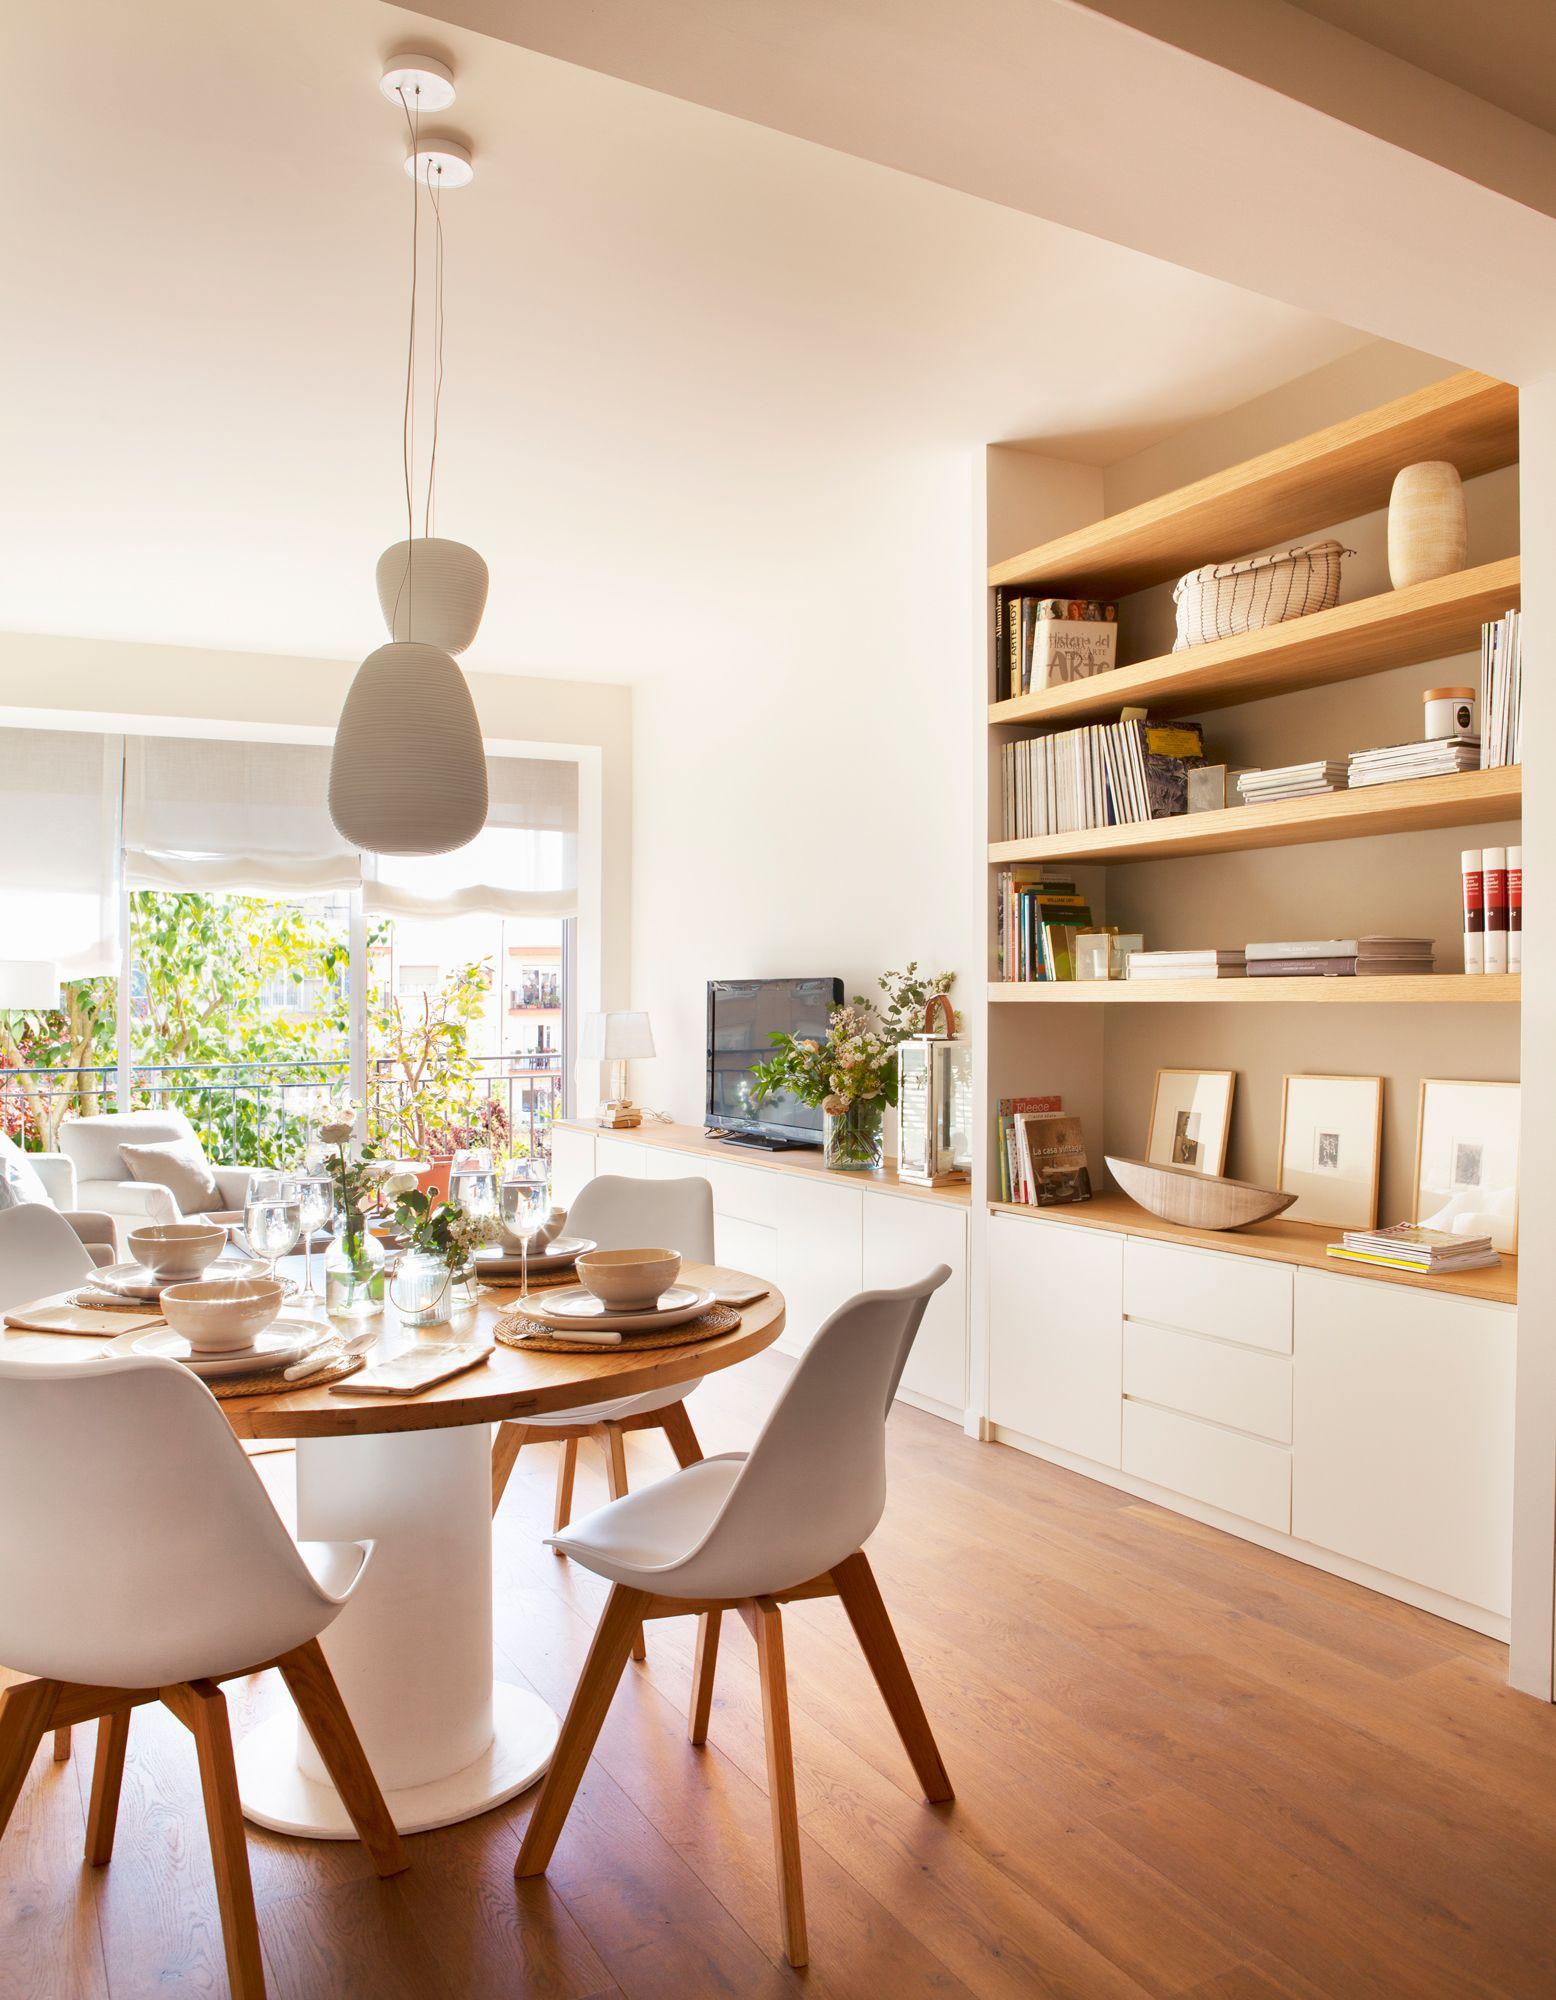 Sal n comedor con mesa redonda sillas de dise o mueble - Sillas comedor diseno ...